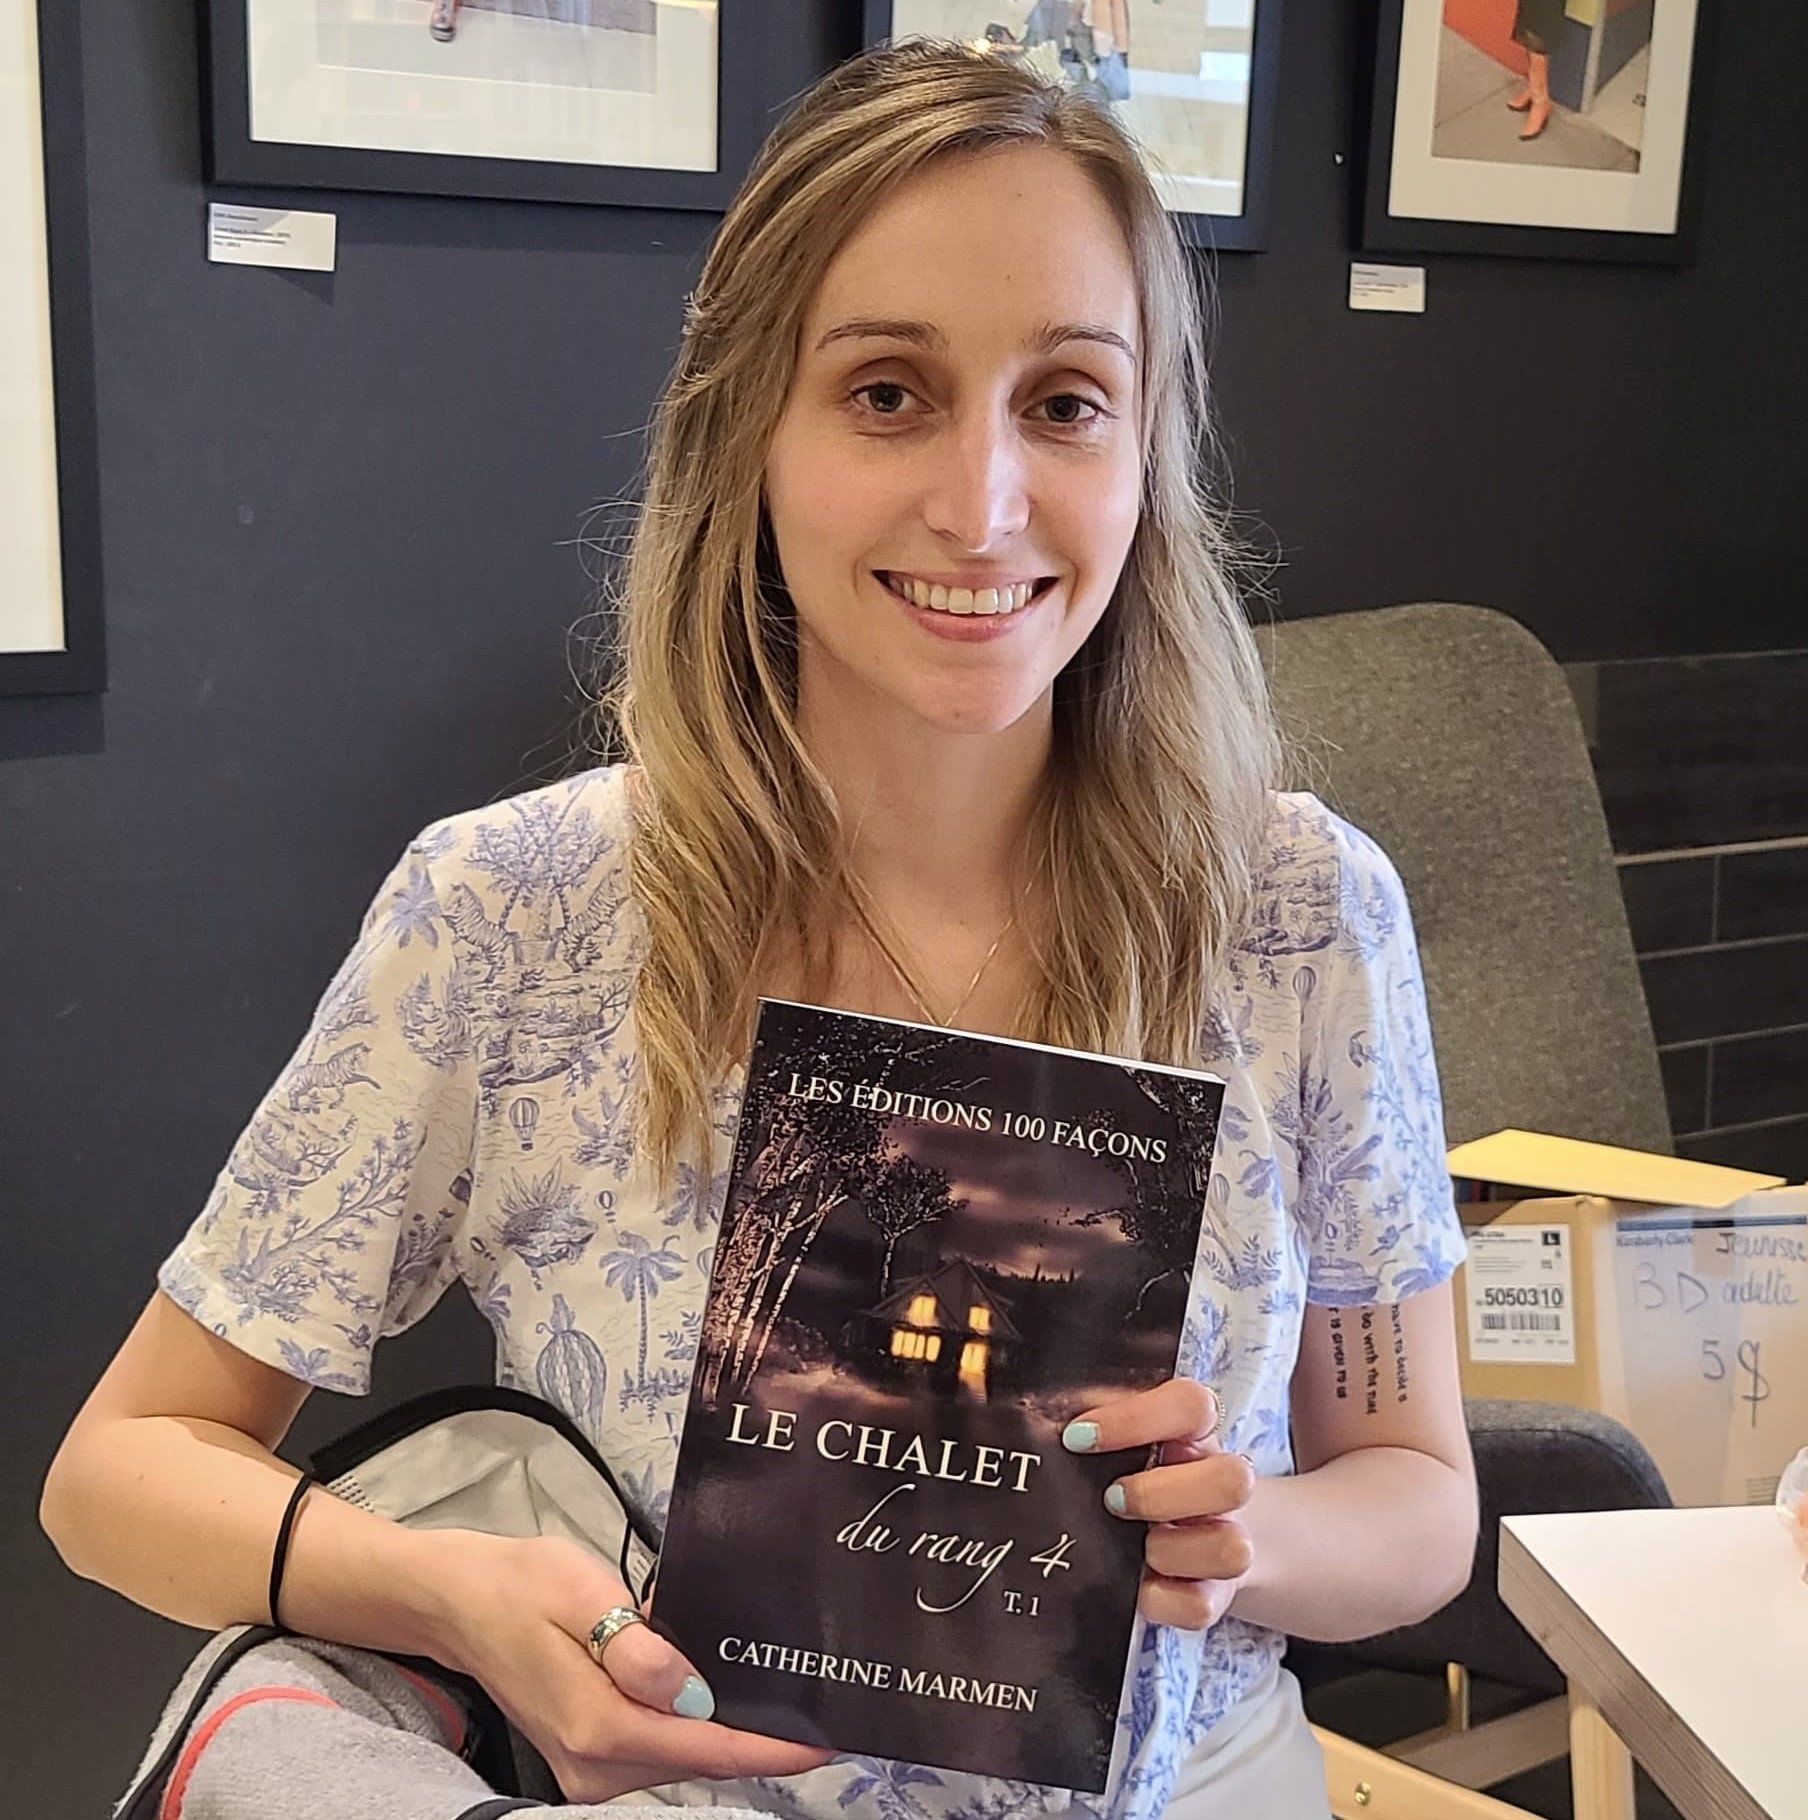 L'auteure Catherine Marmen a décidé, en 2020, de se lancer dans une carrière de rédactrice professionnelle et d'écrivaine.